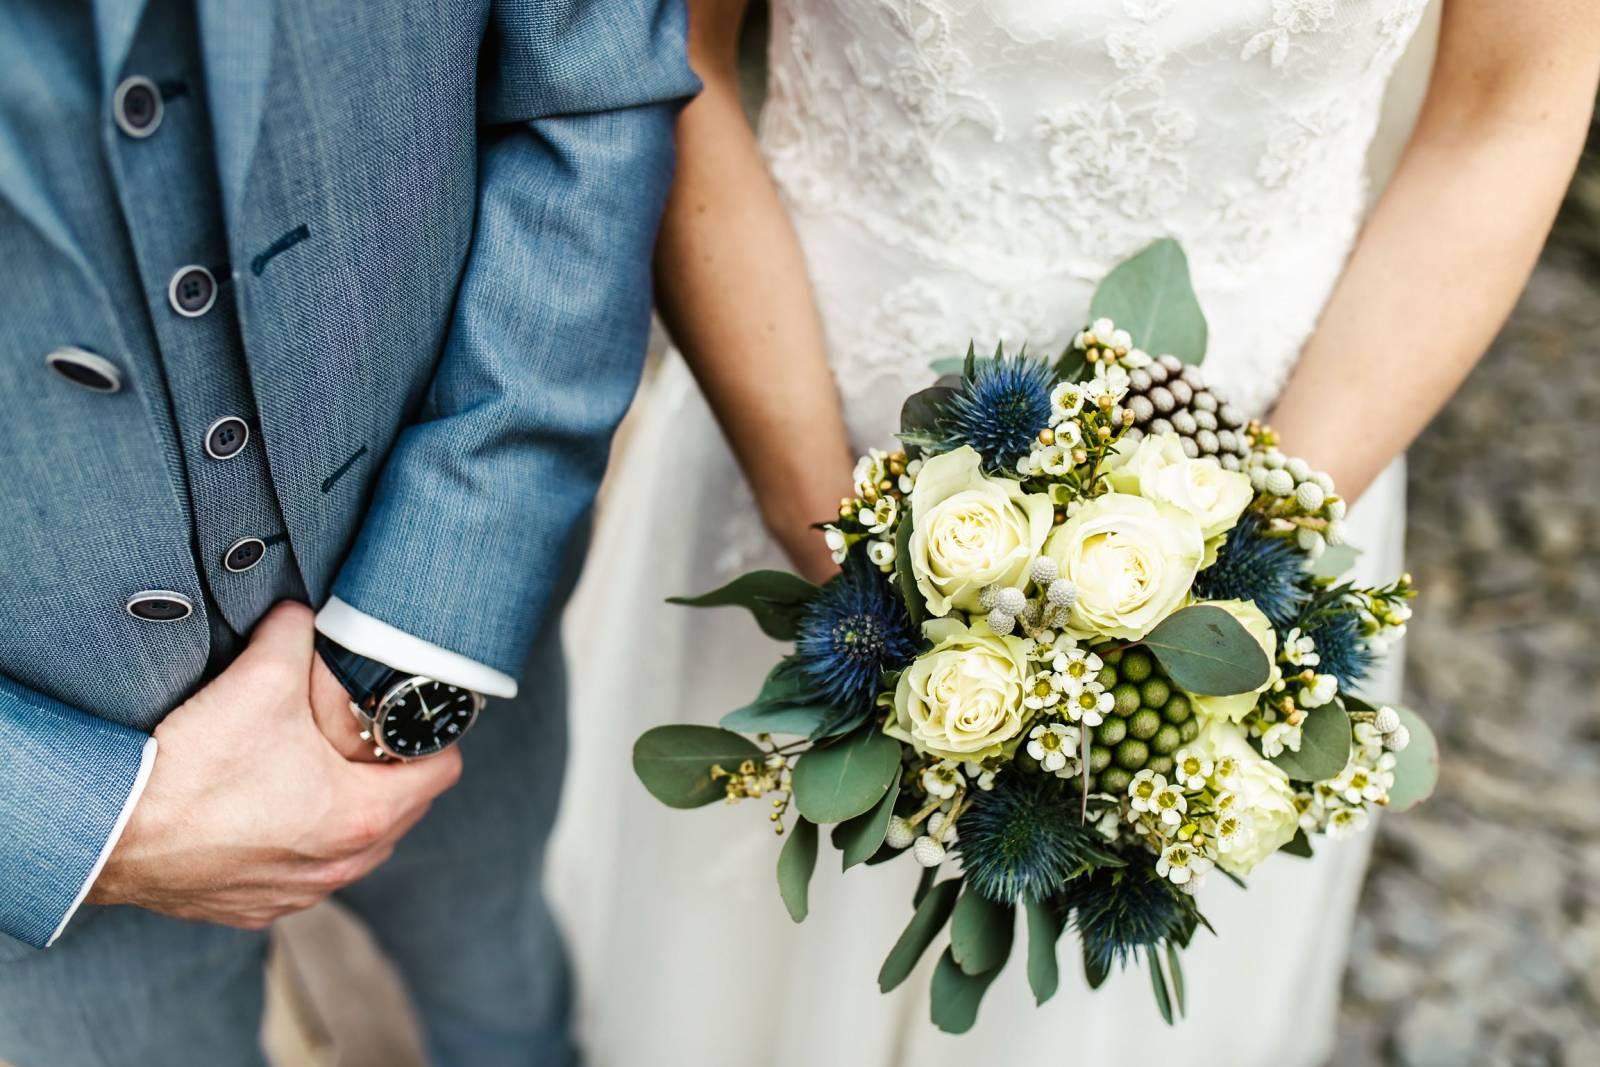 Art of Flower |Bruidsboeket & Bloemendecoratie | House of Weddings - 17